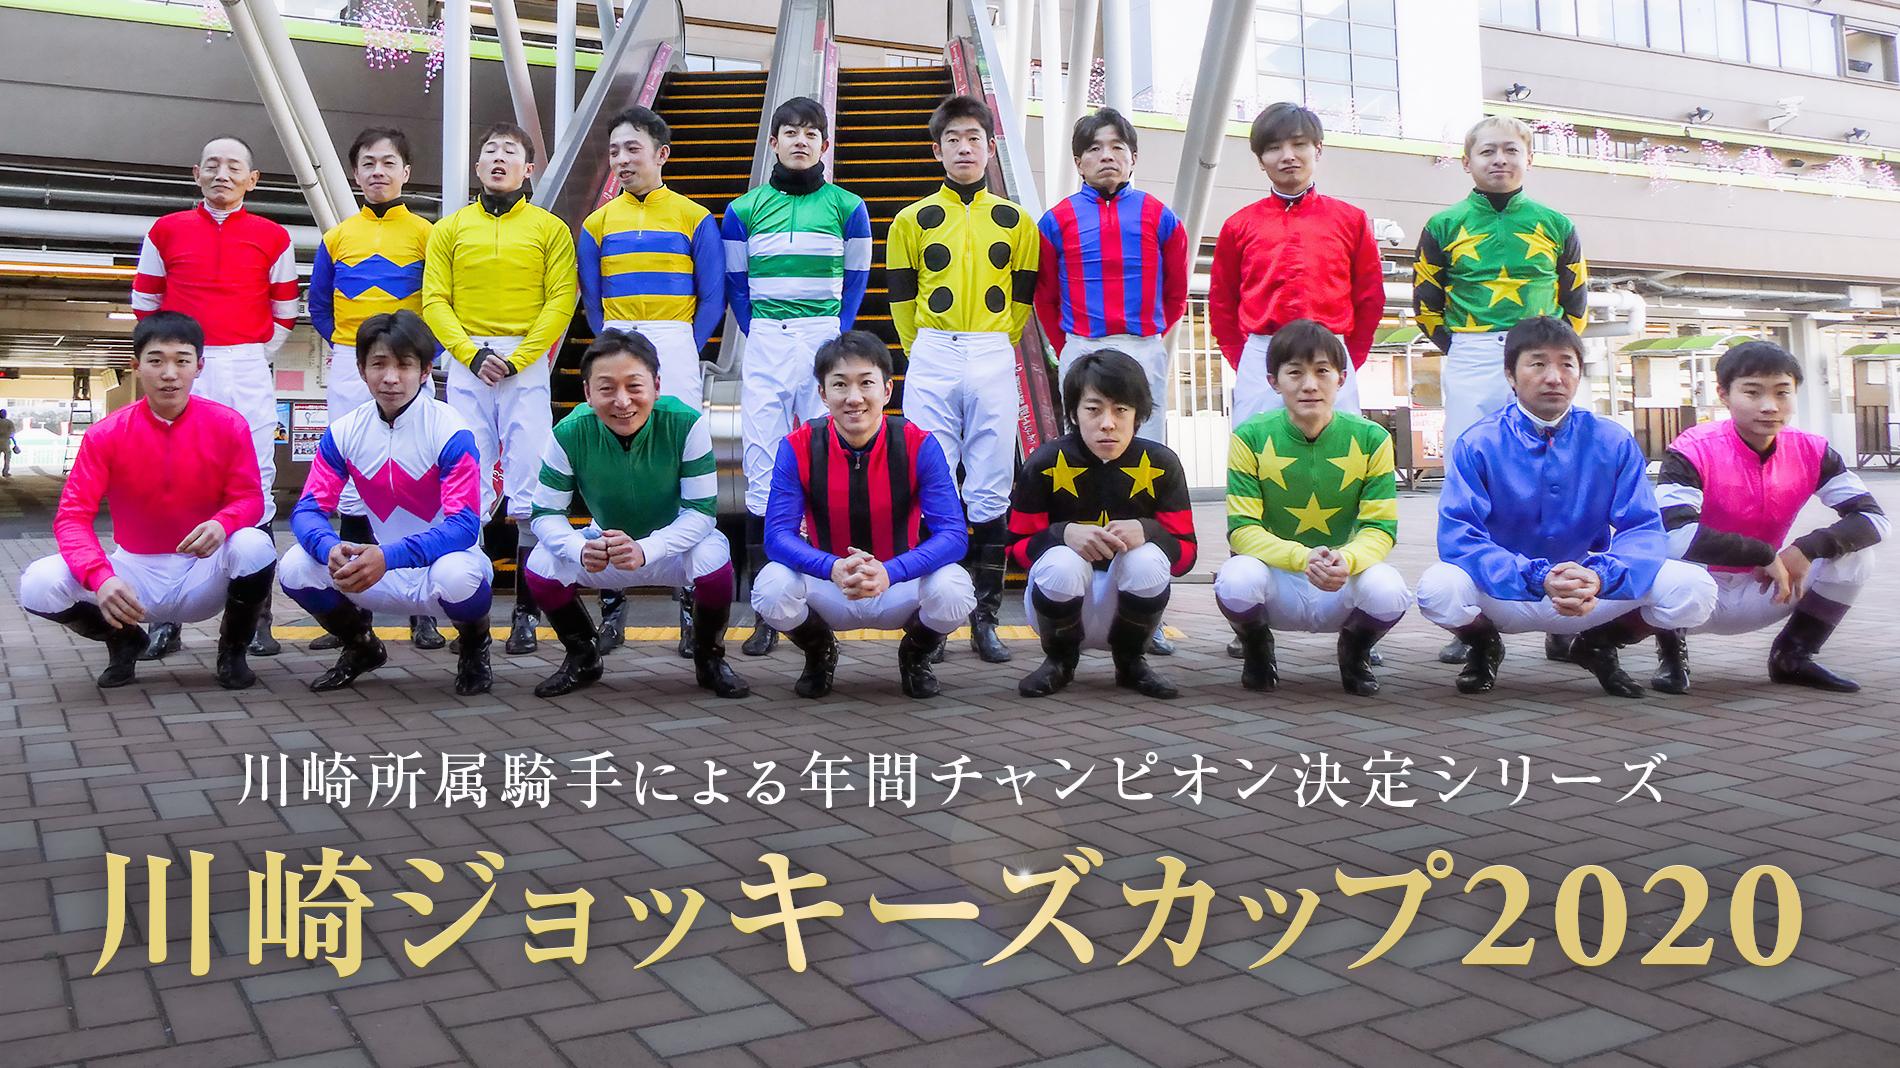 2020川崎ジョッキーズカップシリーズ